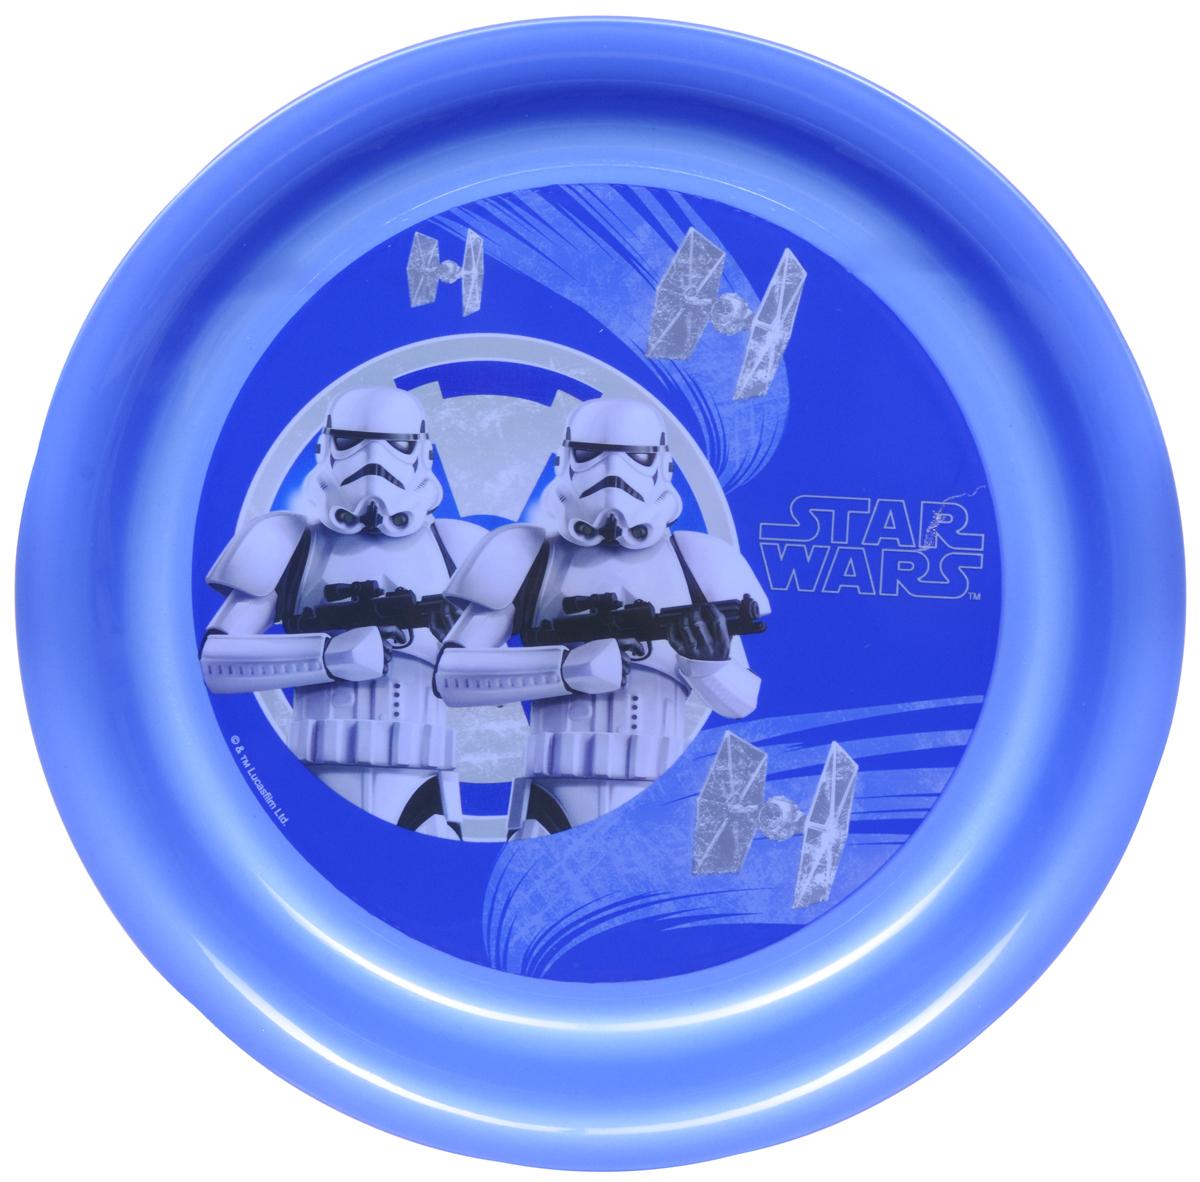 Фото - Star Wars Тарелка детская Штурмовики диаметр 19 см star wars тарелка детская штурмовики диаметр 19 см